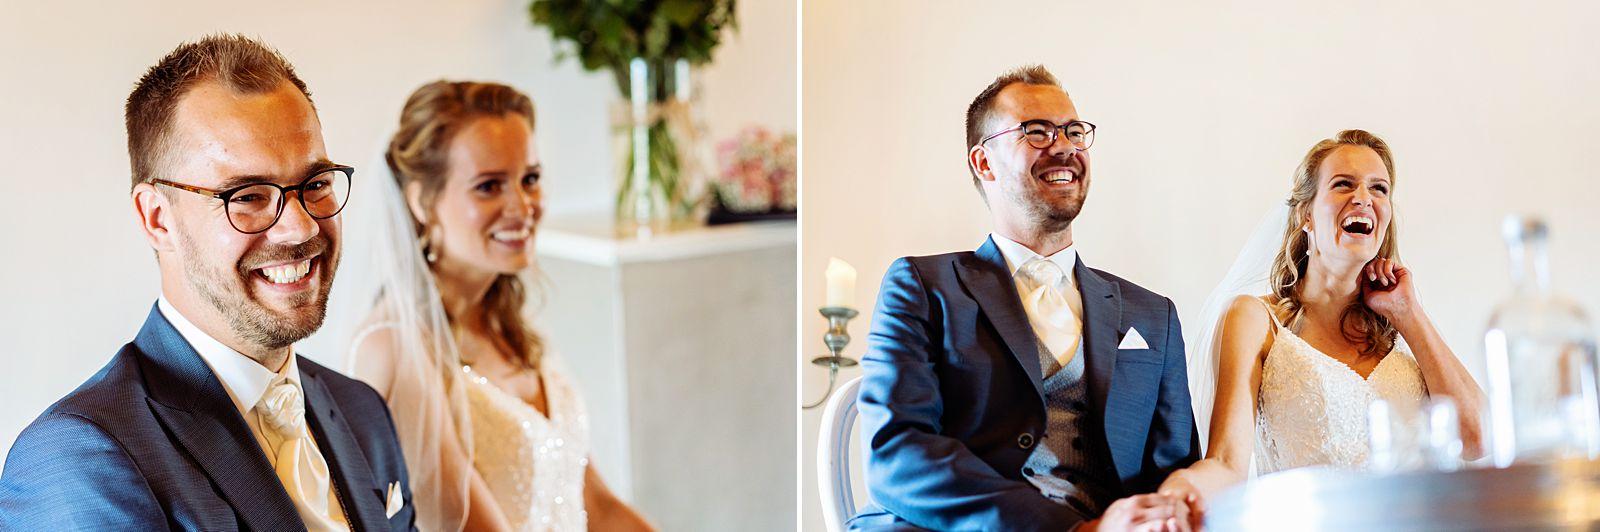 RUUDC Fotograaf, fotograaf Ruud, bruidsfotograaf Utrecht, trouwfotograaf Utrecht, trouwen in Utrecht, fotograaf Utrecht, fotograaf Woerden, bruiloft Utrecht, trouwen kasteel Woerden, bruiloft kasteel Woerden, kasteel Woerden, trouwen in Woerden, trouwfotografie, bruidsfotografie